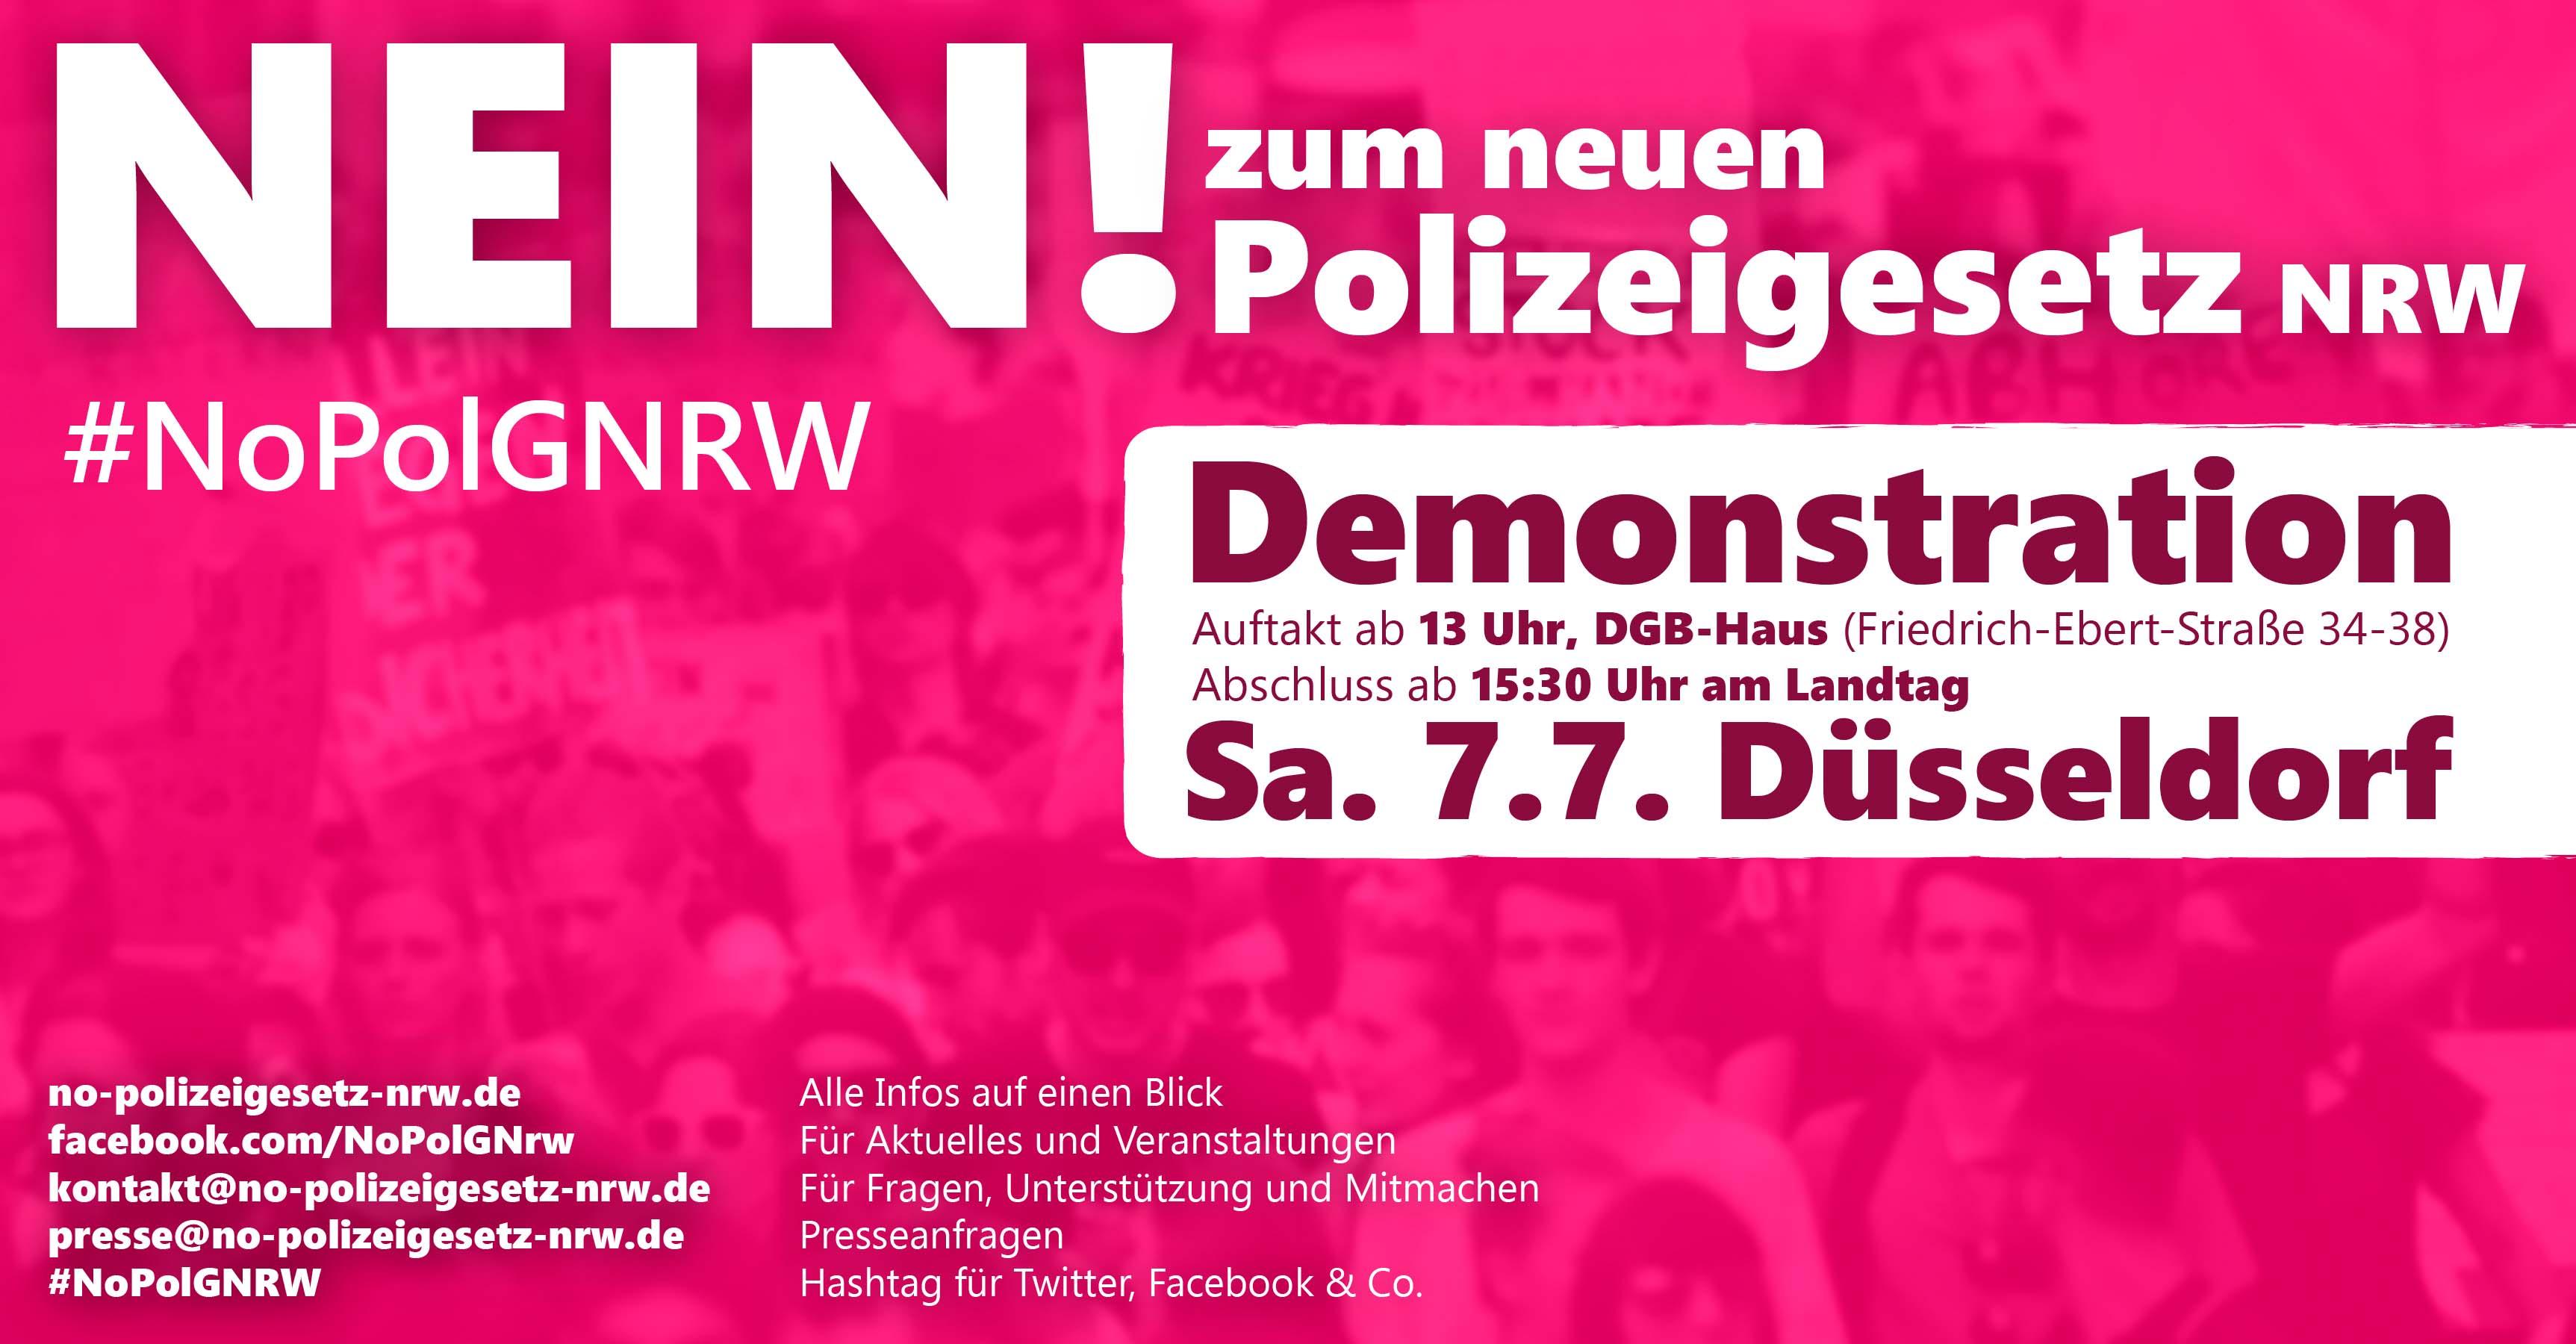 Demonstration gegen das neue Polizeigesetz Nordrhein-Westfalen